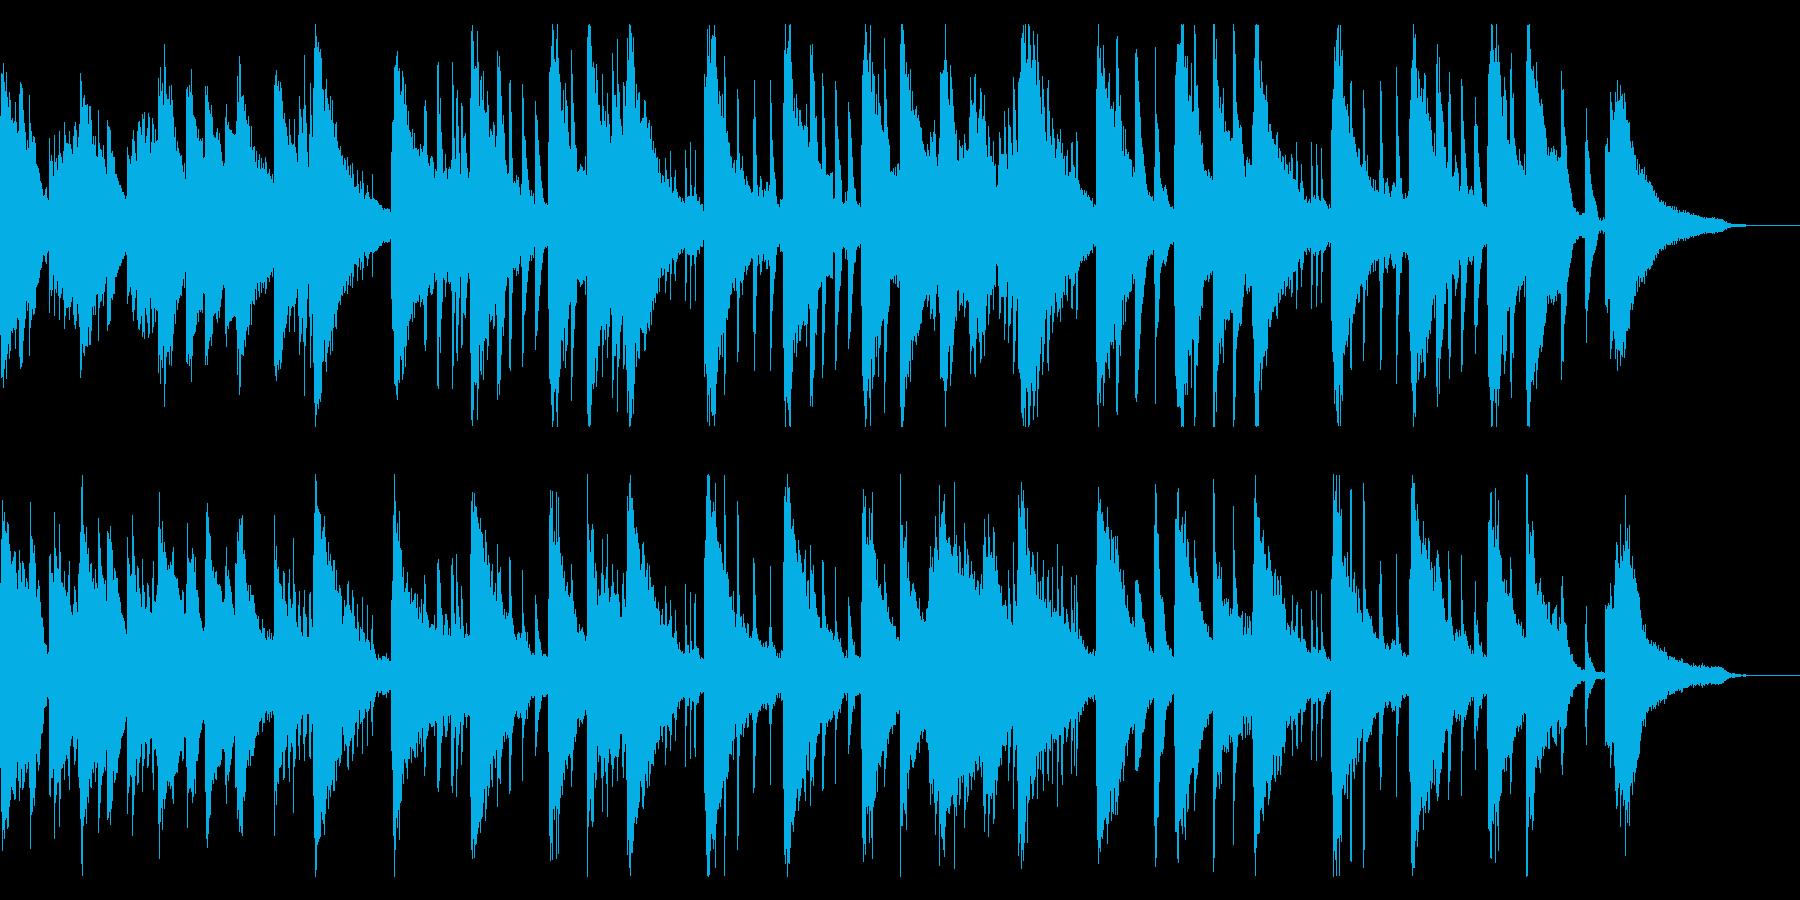 ピアノが奏でるリラックスBGMの再生済みの波形